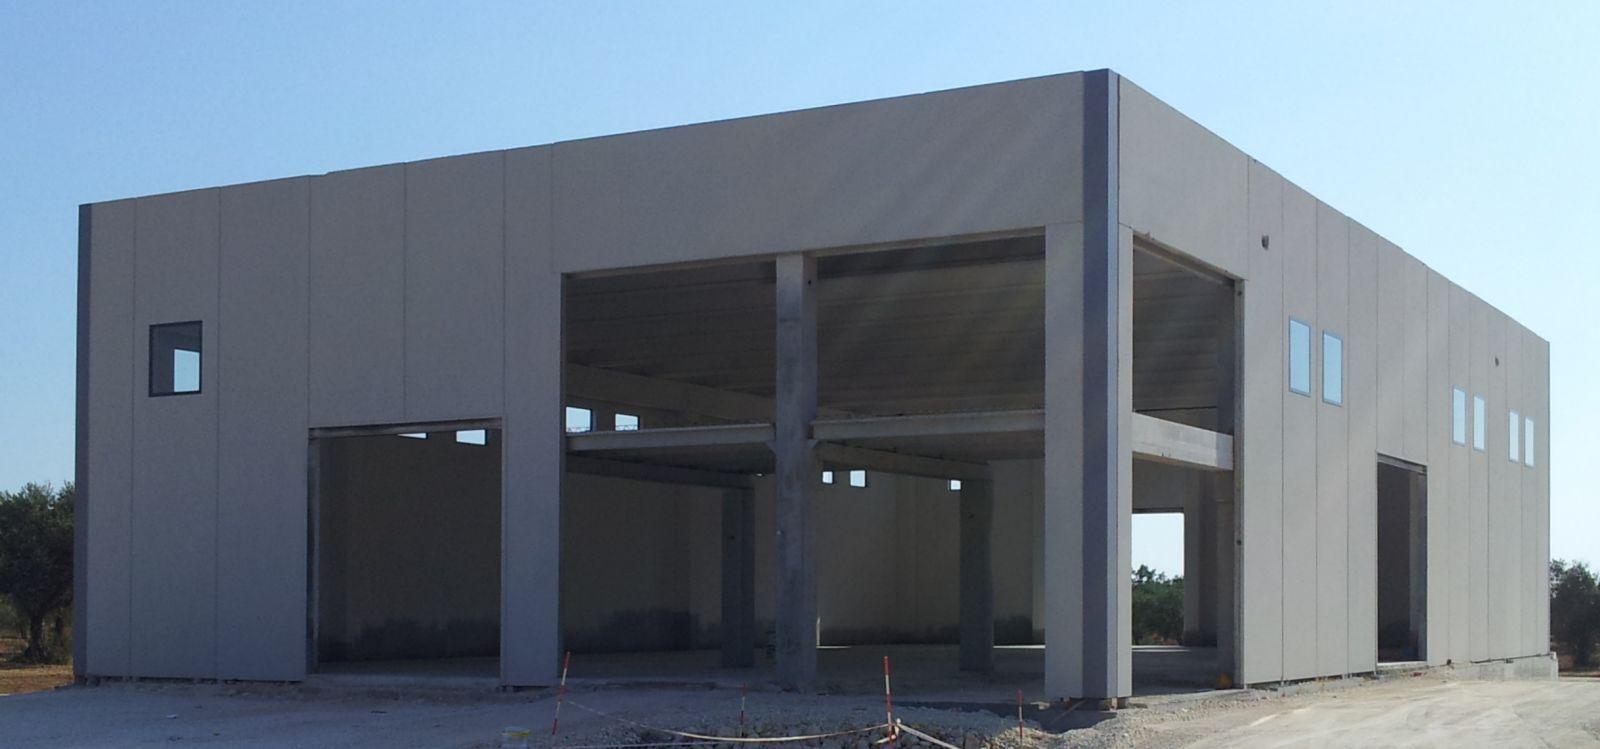 Capannone con solaio granieri fraz di caltagirone for Piani di capannone per uffici esterni